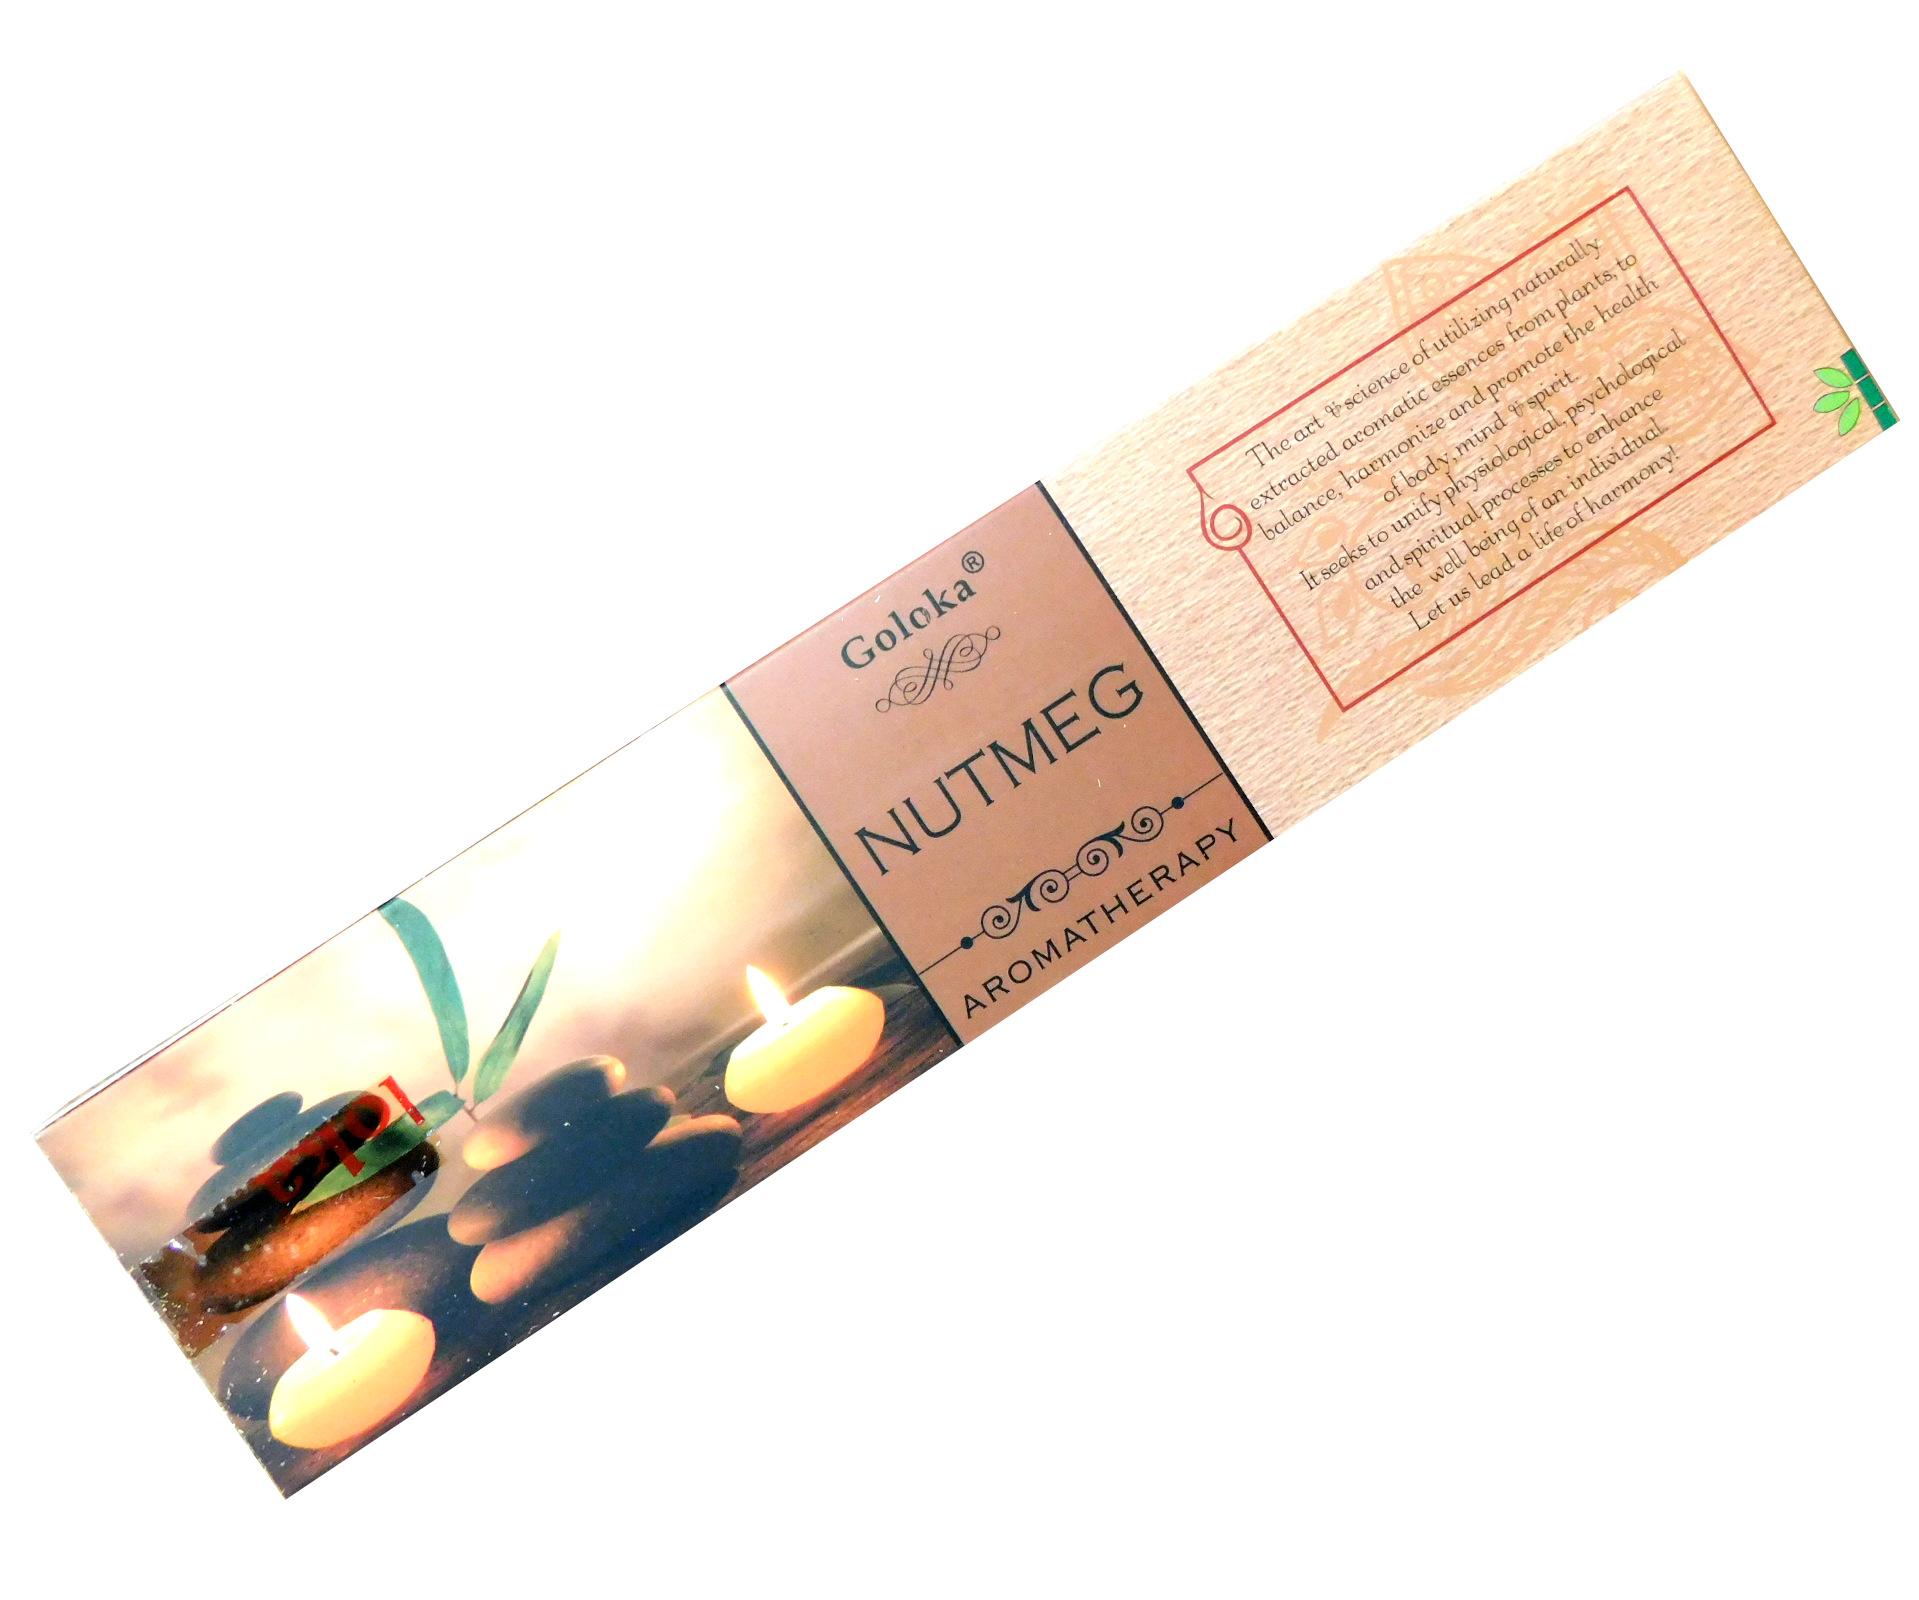 Räucherstäbchen Goloka Nutmeg